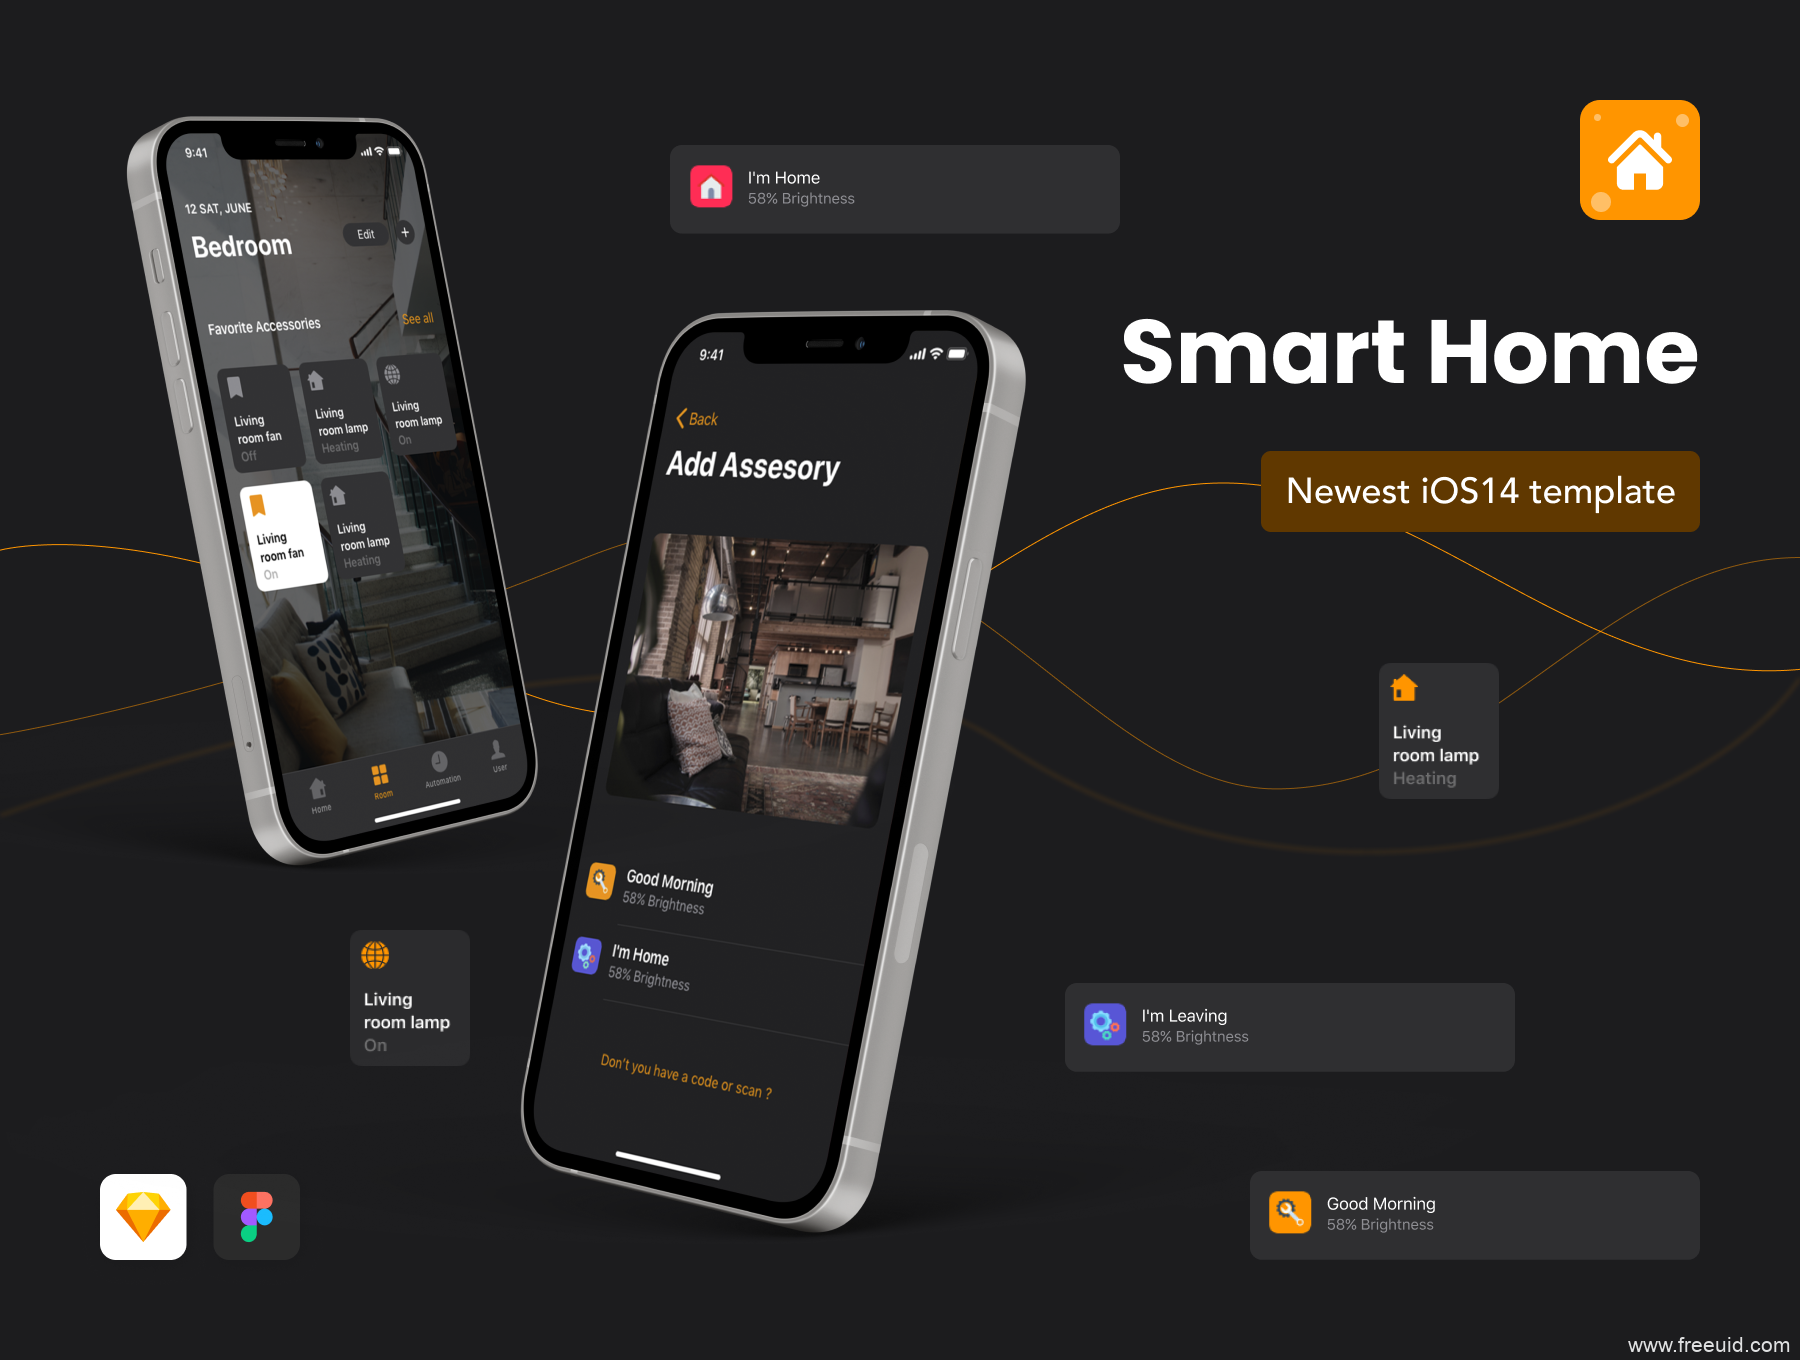 一套暗色风智能家居app UI设计应用UI kit 套装sketch/fig源文件